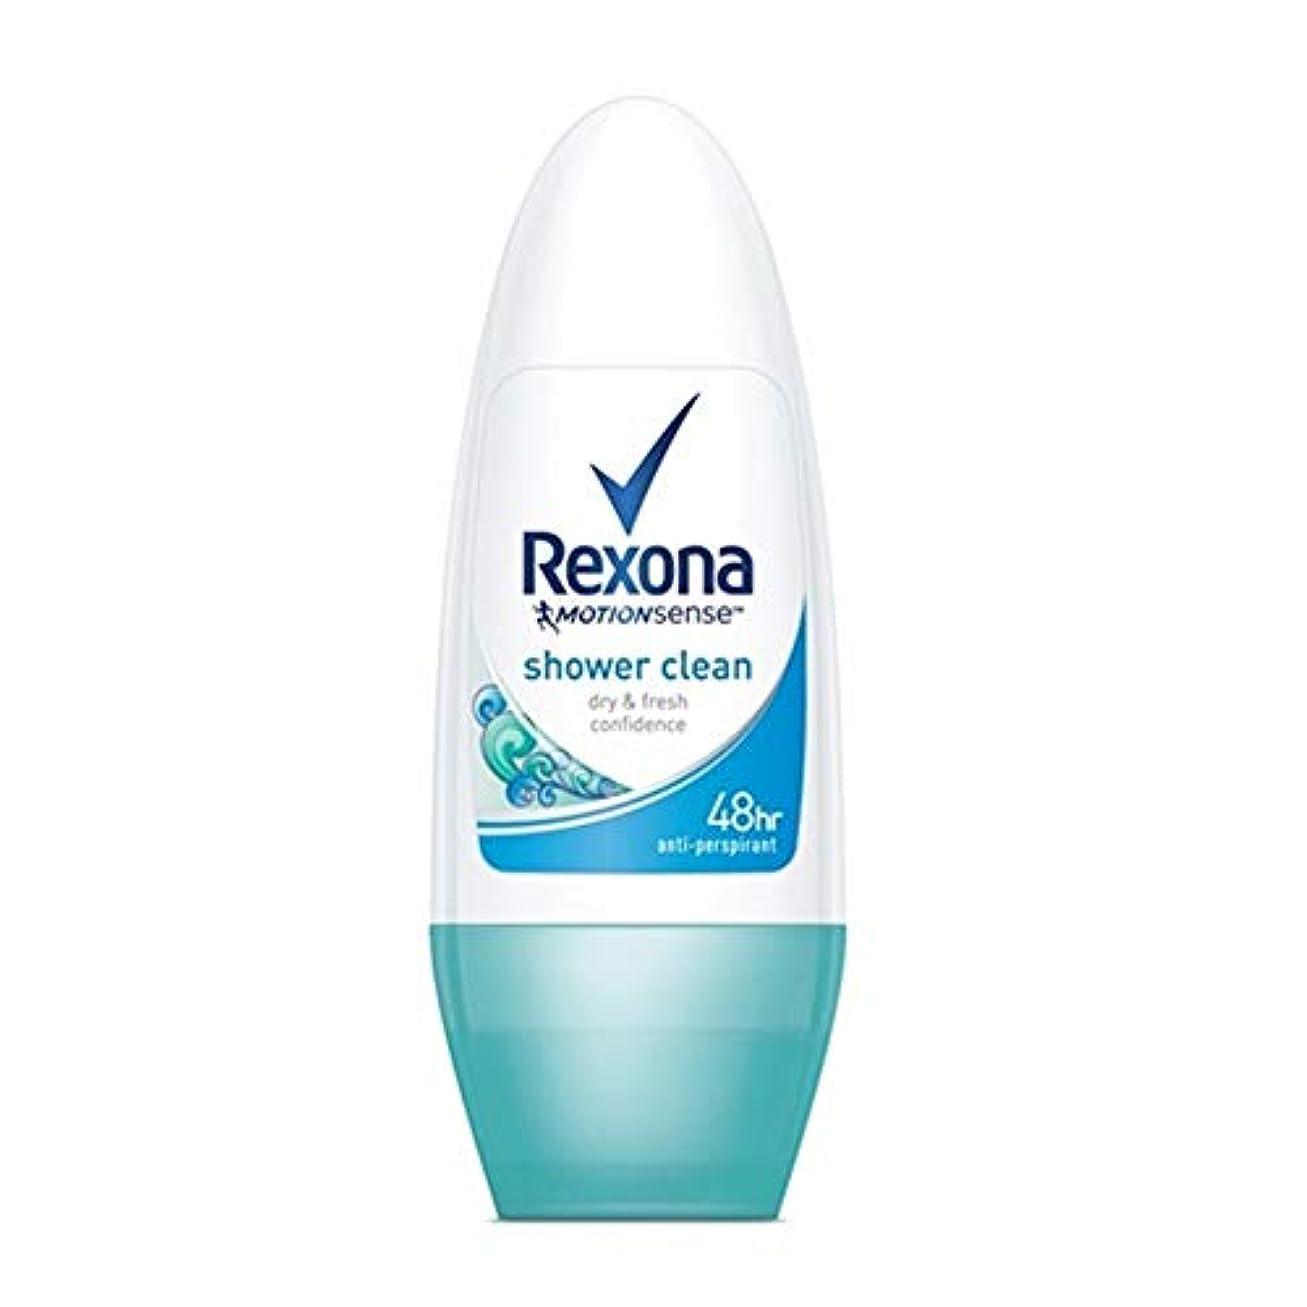 簡単な運命幸運なことにRexona レクソーナ ロールオン デオドラント 50ml【並行輸入品】オリジナルポーチ付き (shower clean)